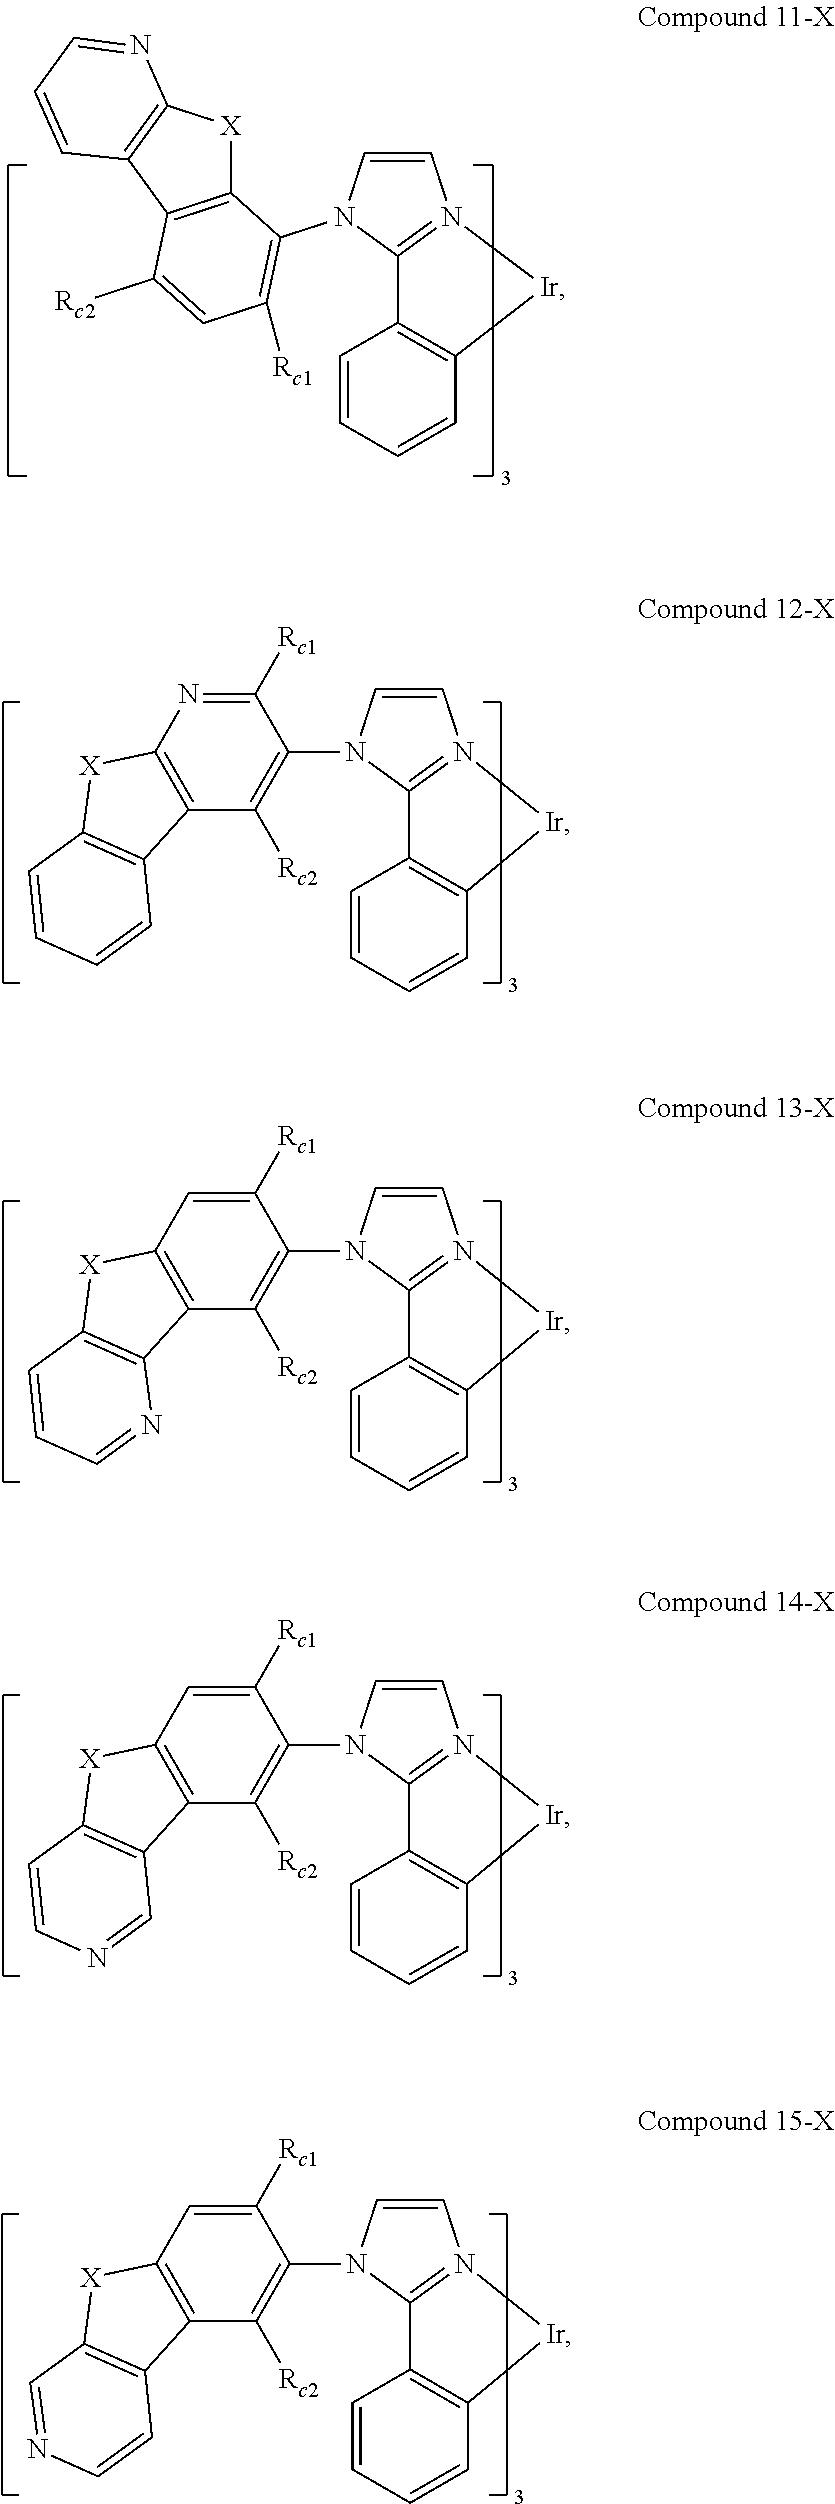 Figure US09978958-20180522-C00026